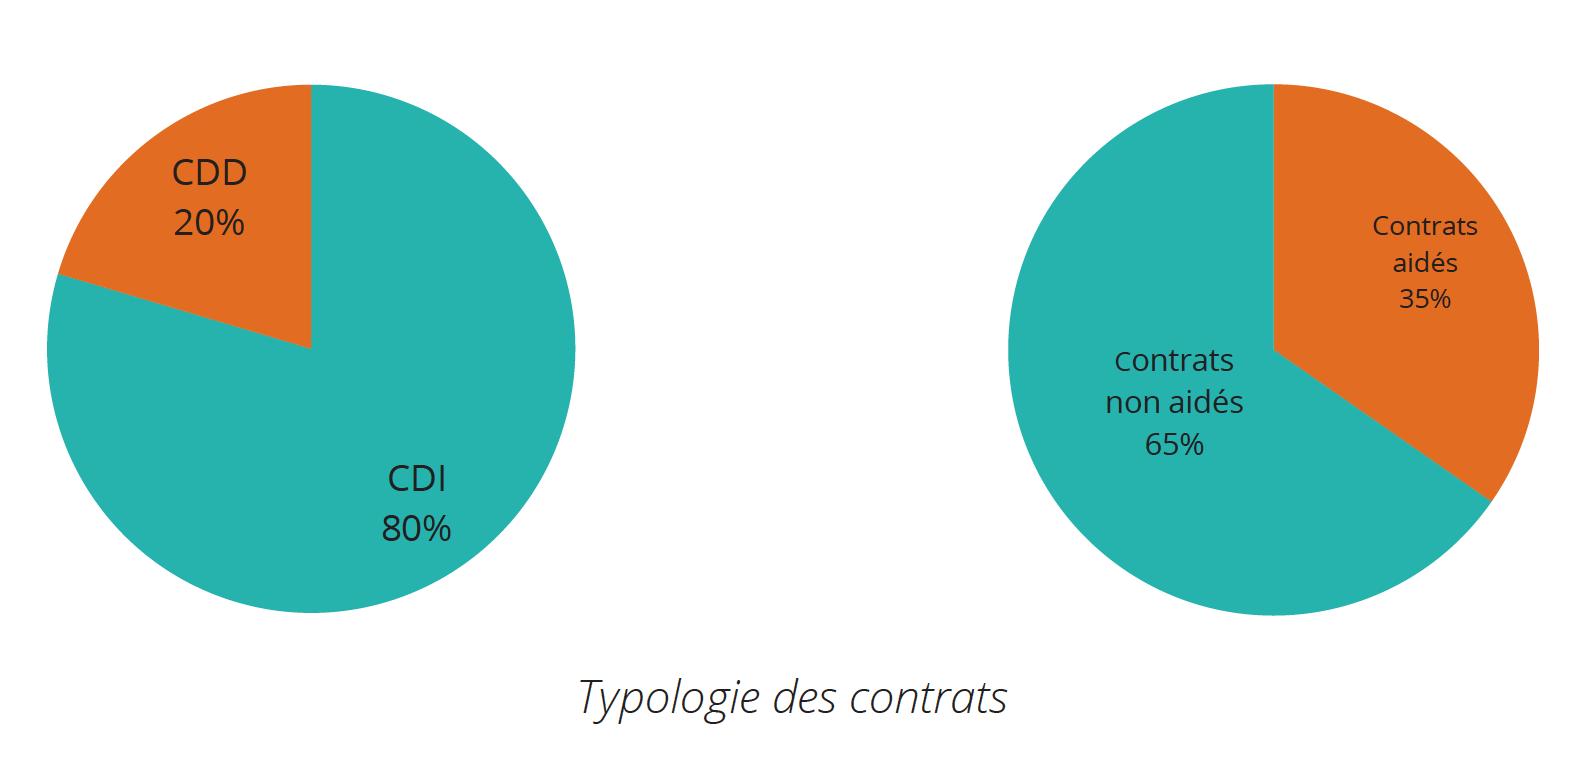 Au sein des radios de la FRAP, 80% des contrats sont des CDI et les emplois non subventionnés sont majoritaires à 65%